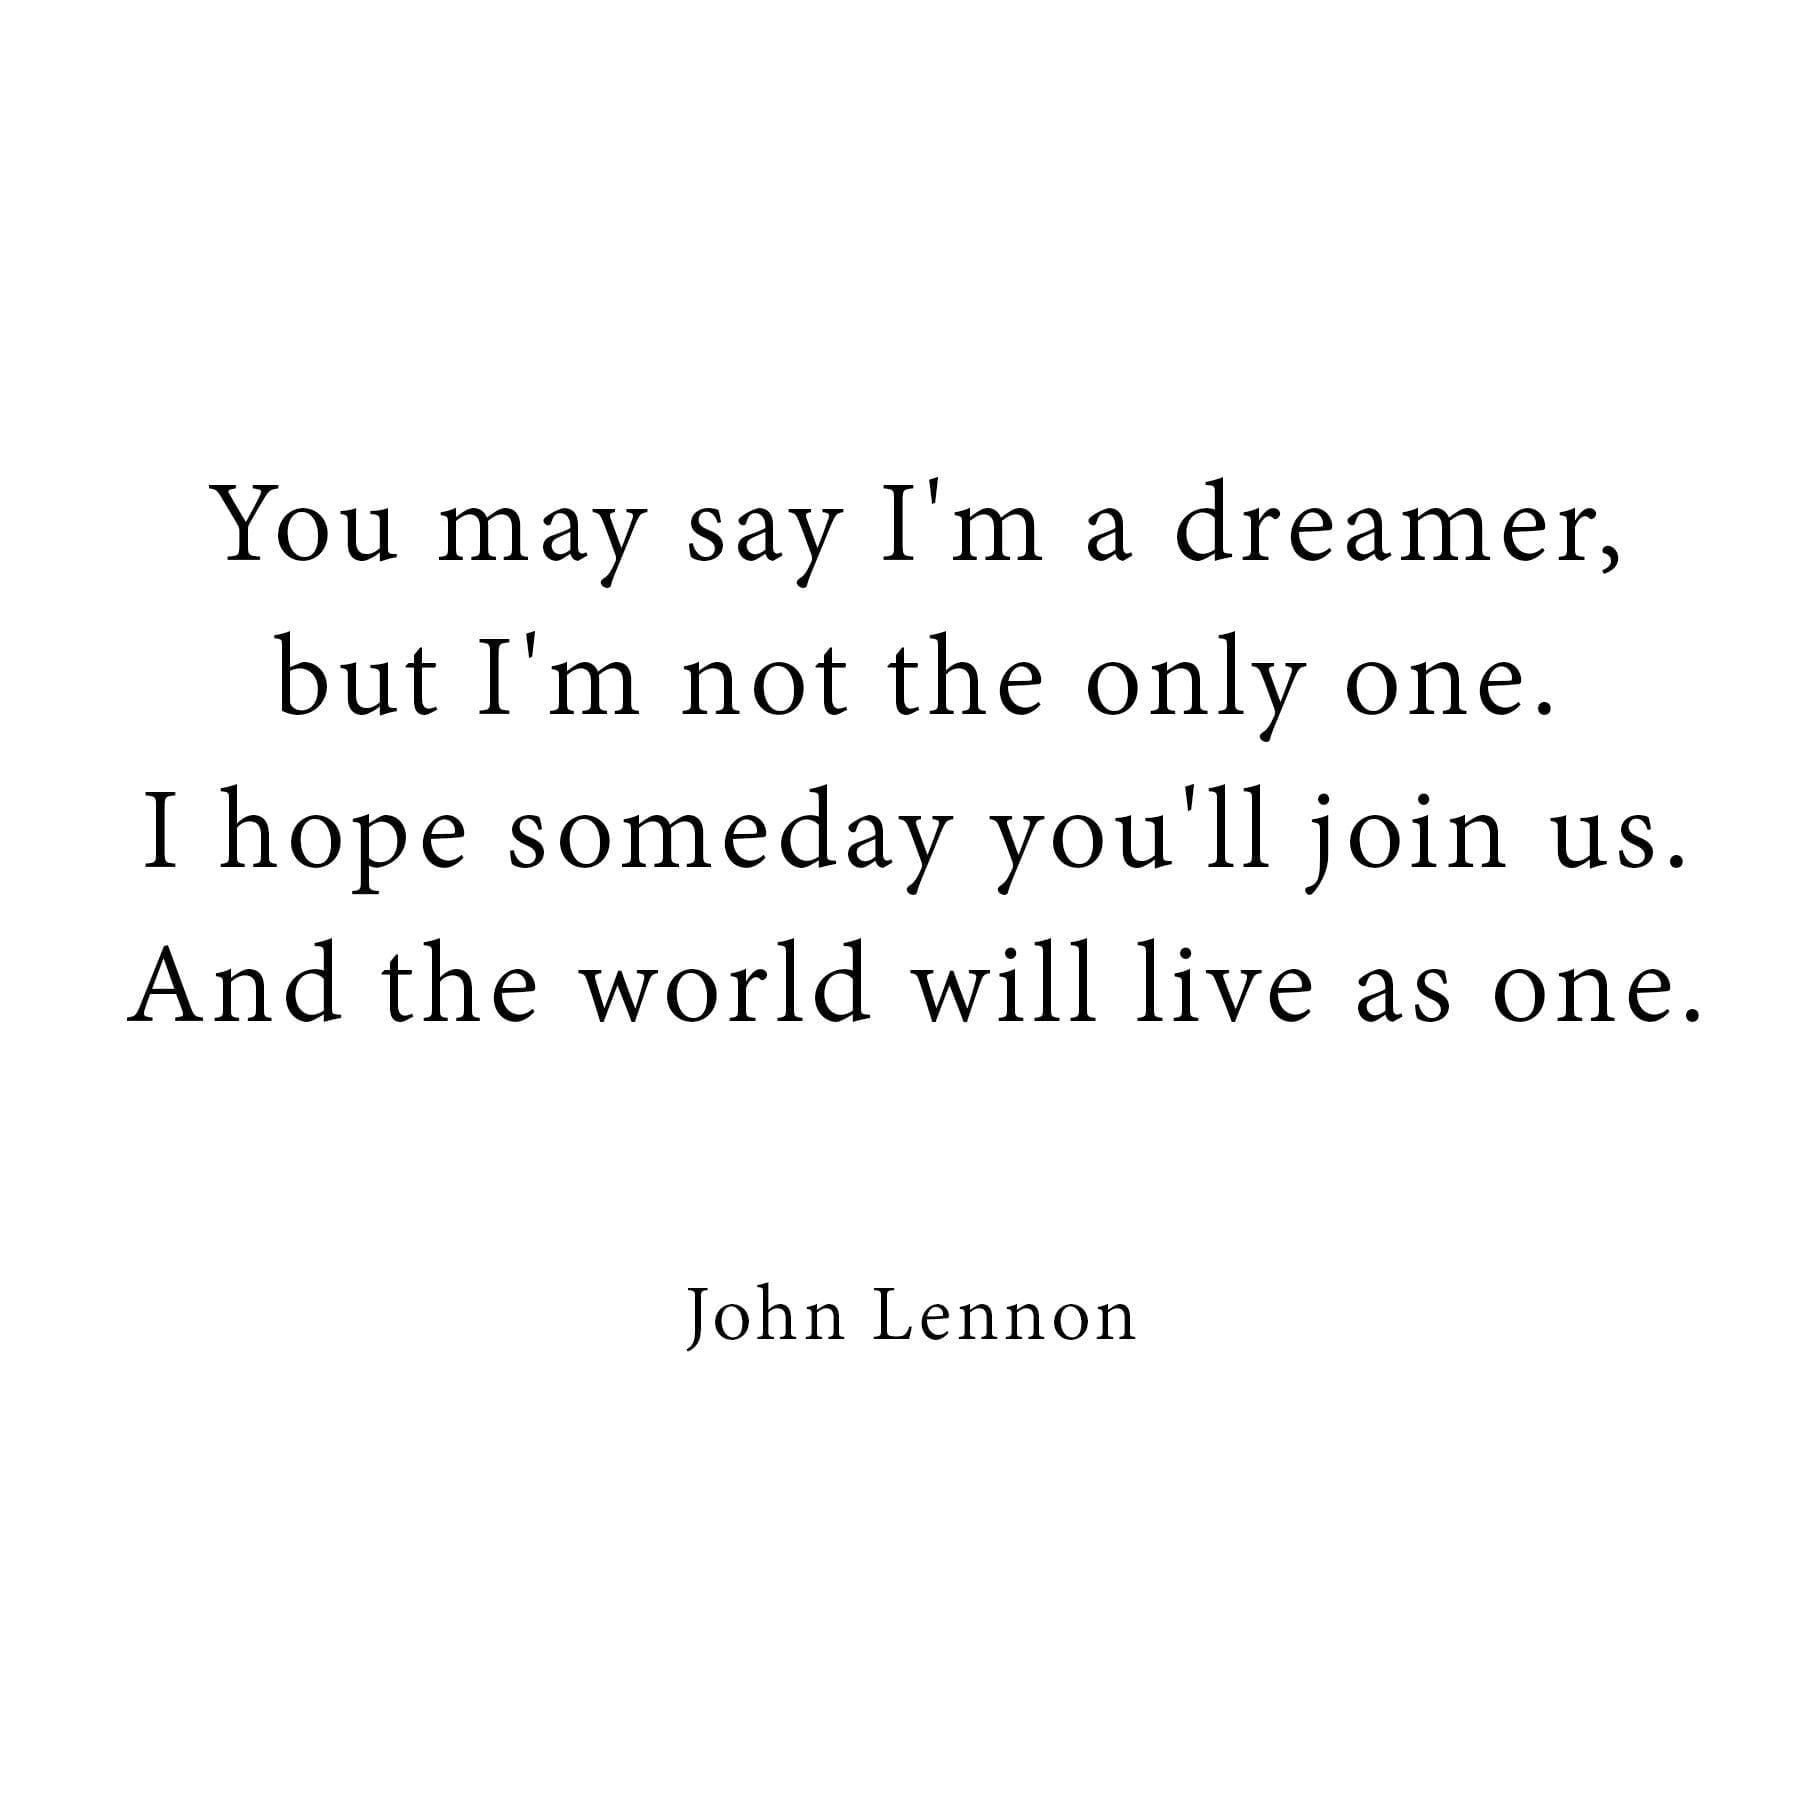 12. John Lennon